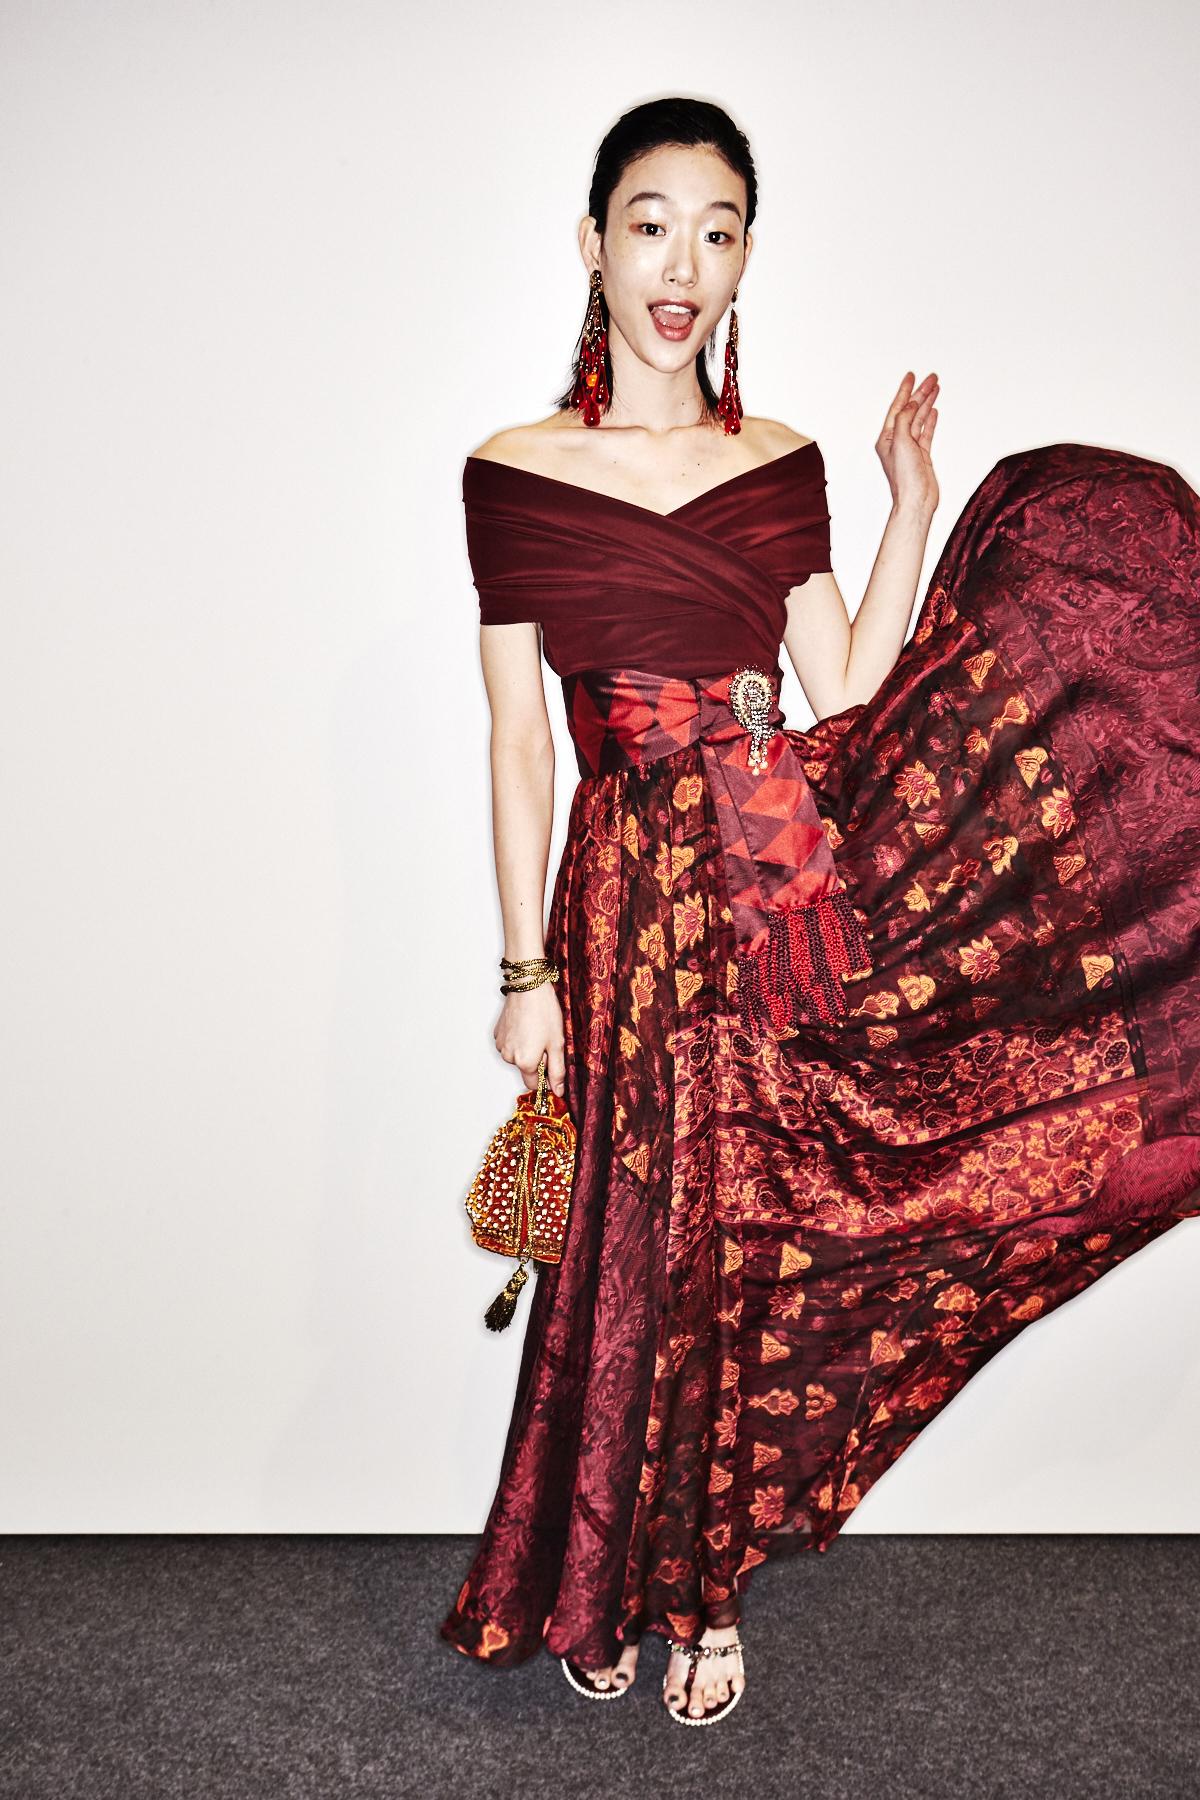 Etro SS18 Fashion Show Milan Backstage